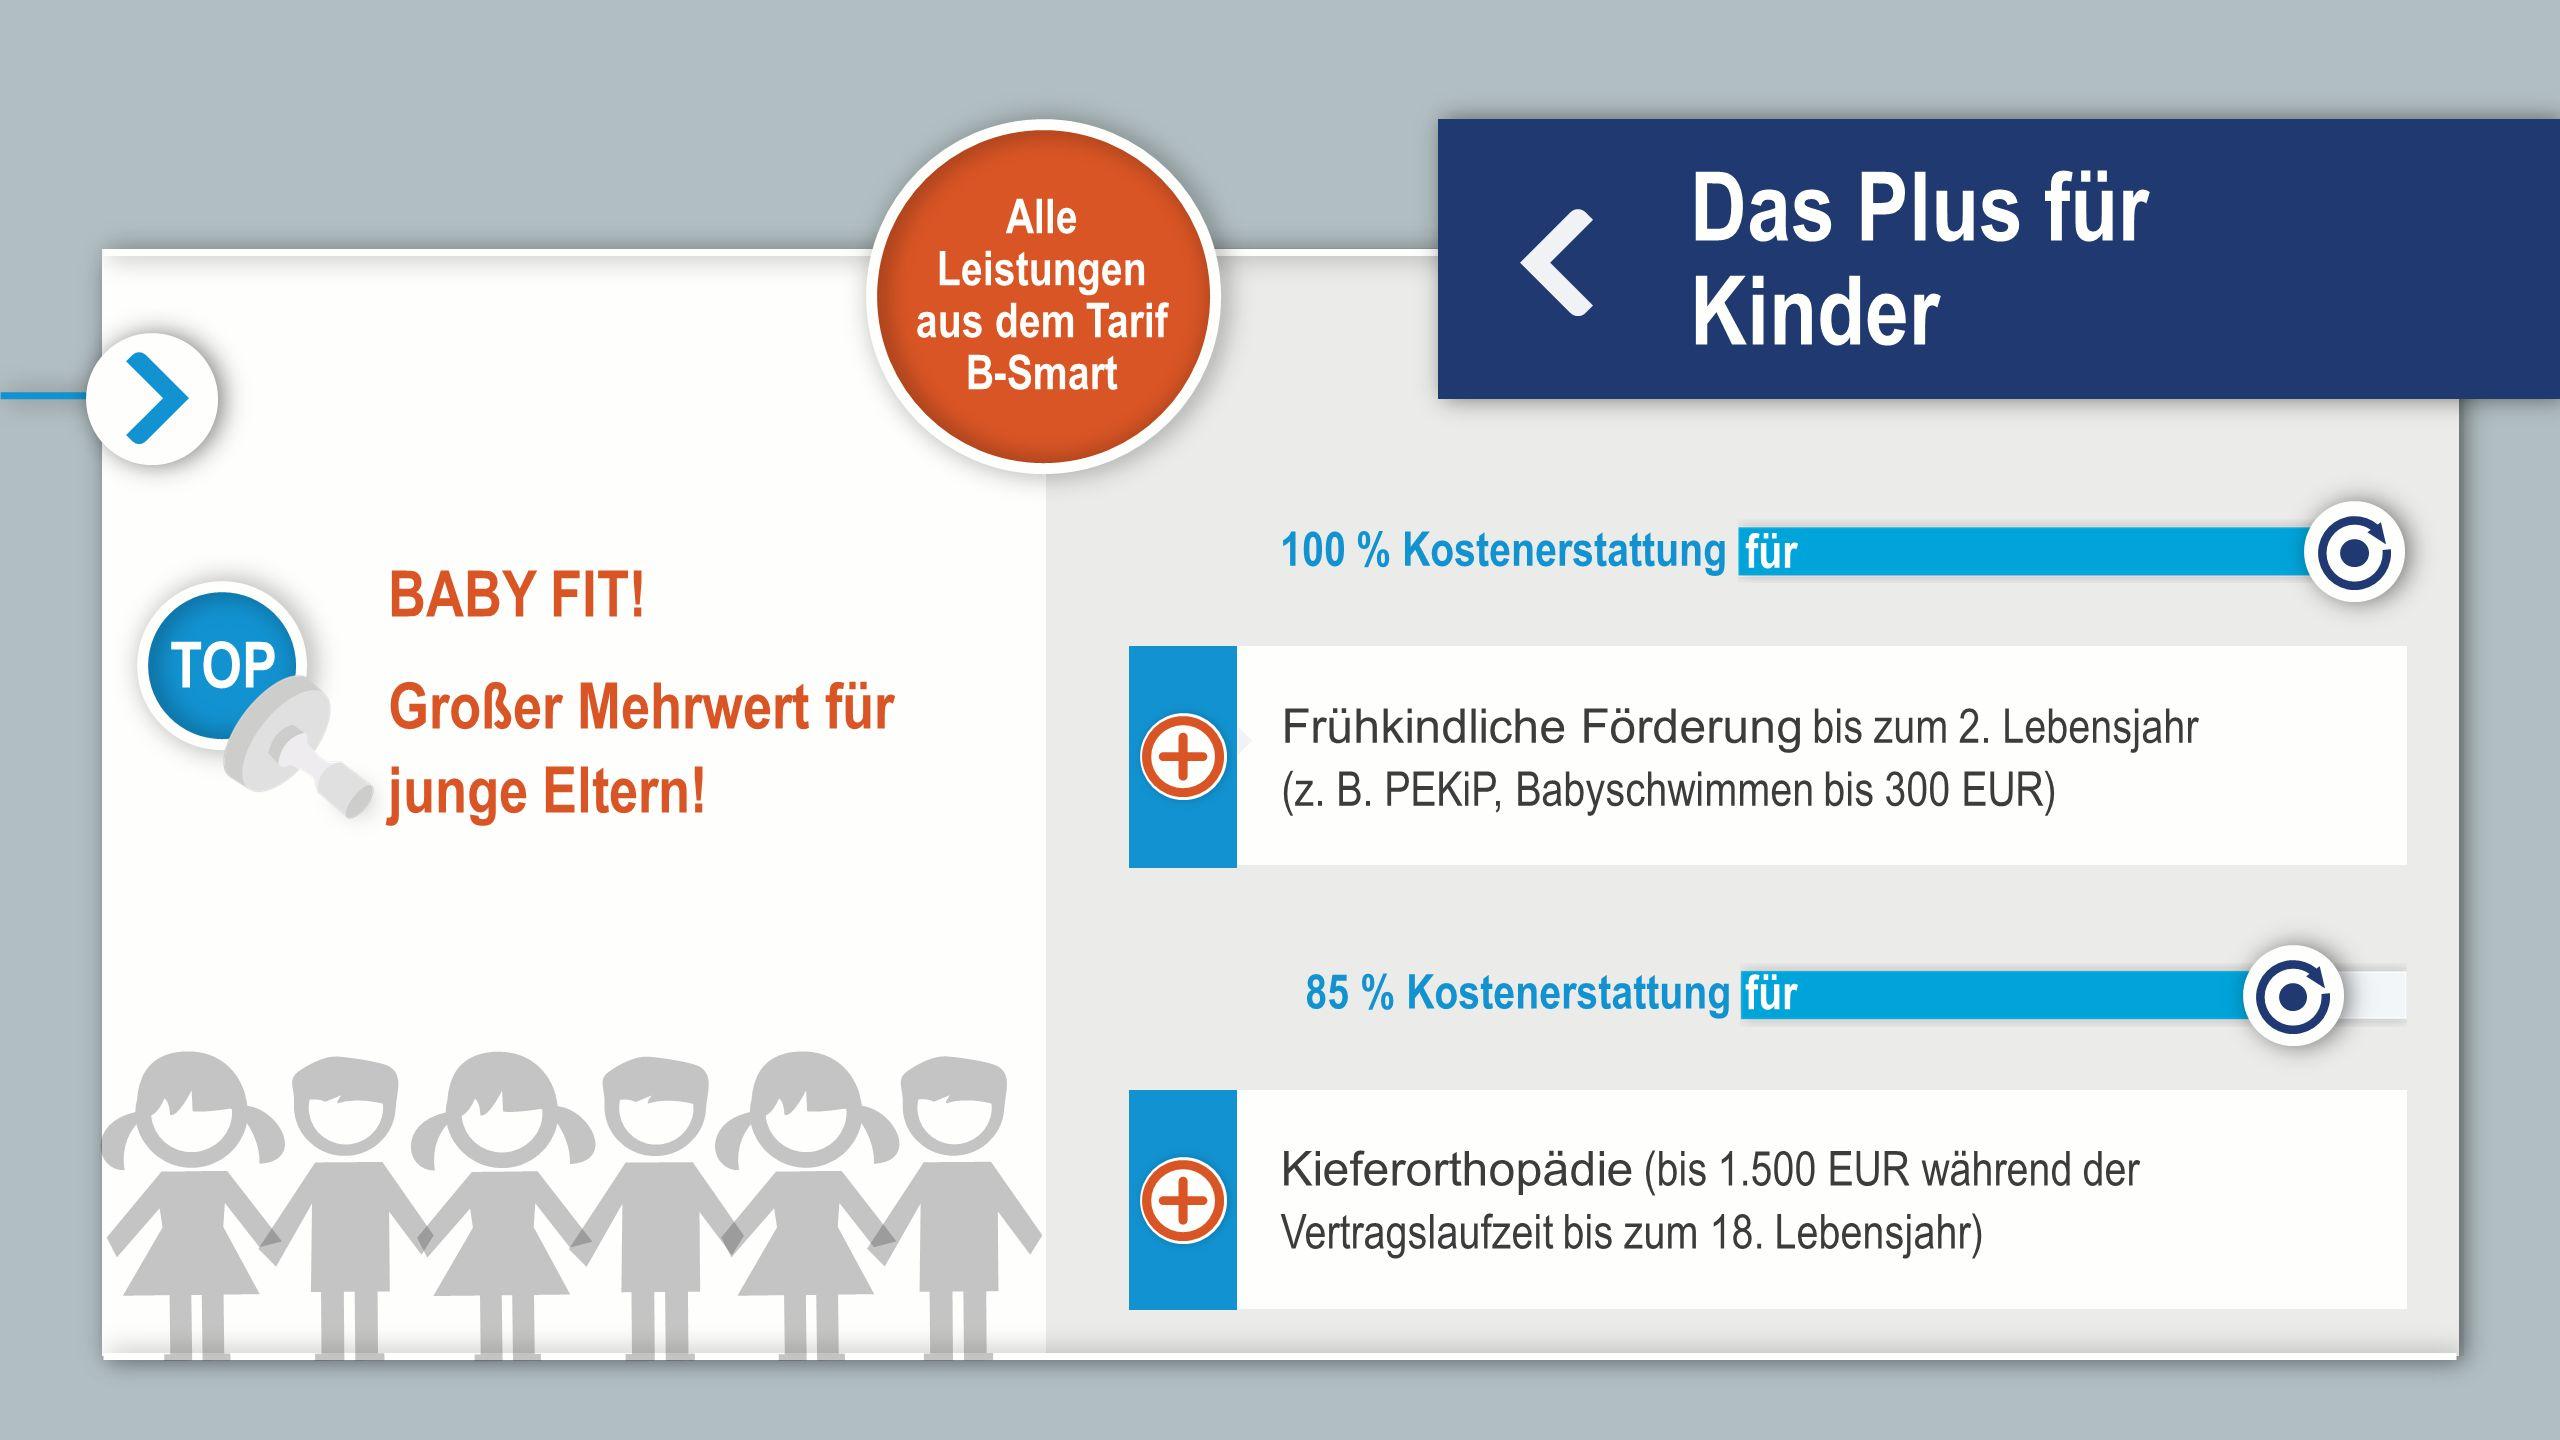 Kieferorthopädie (bis 1.500 EUR während der Vertragslaufzeit bis zum 18.